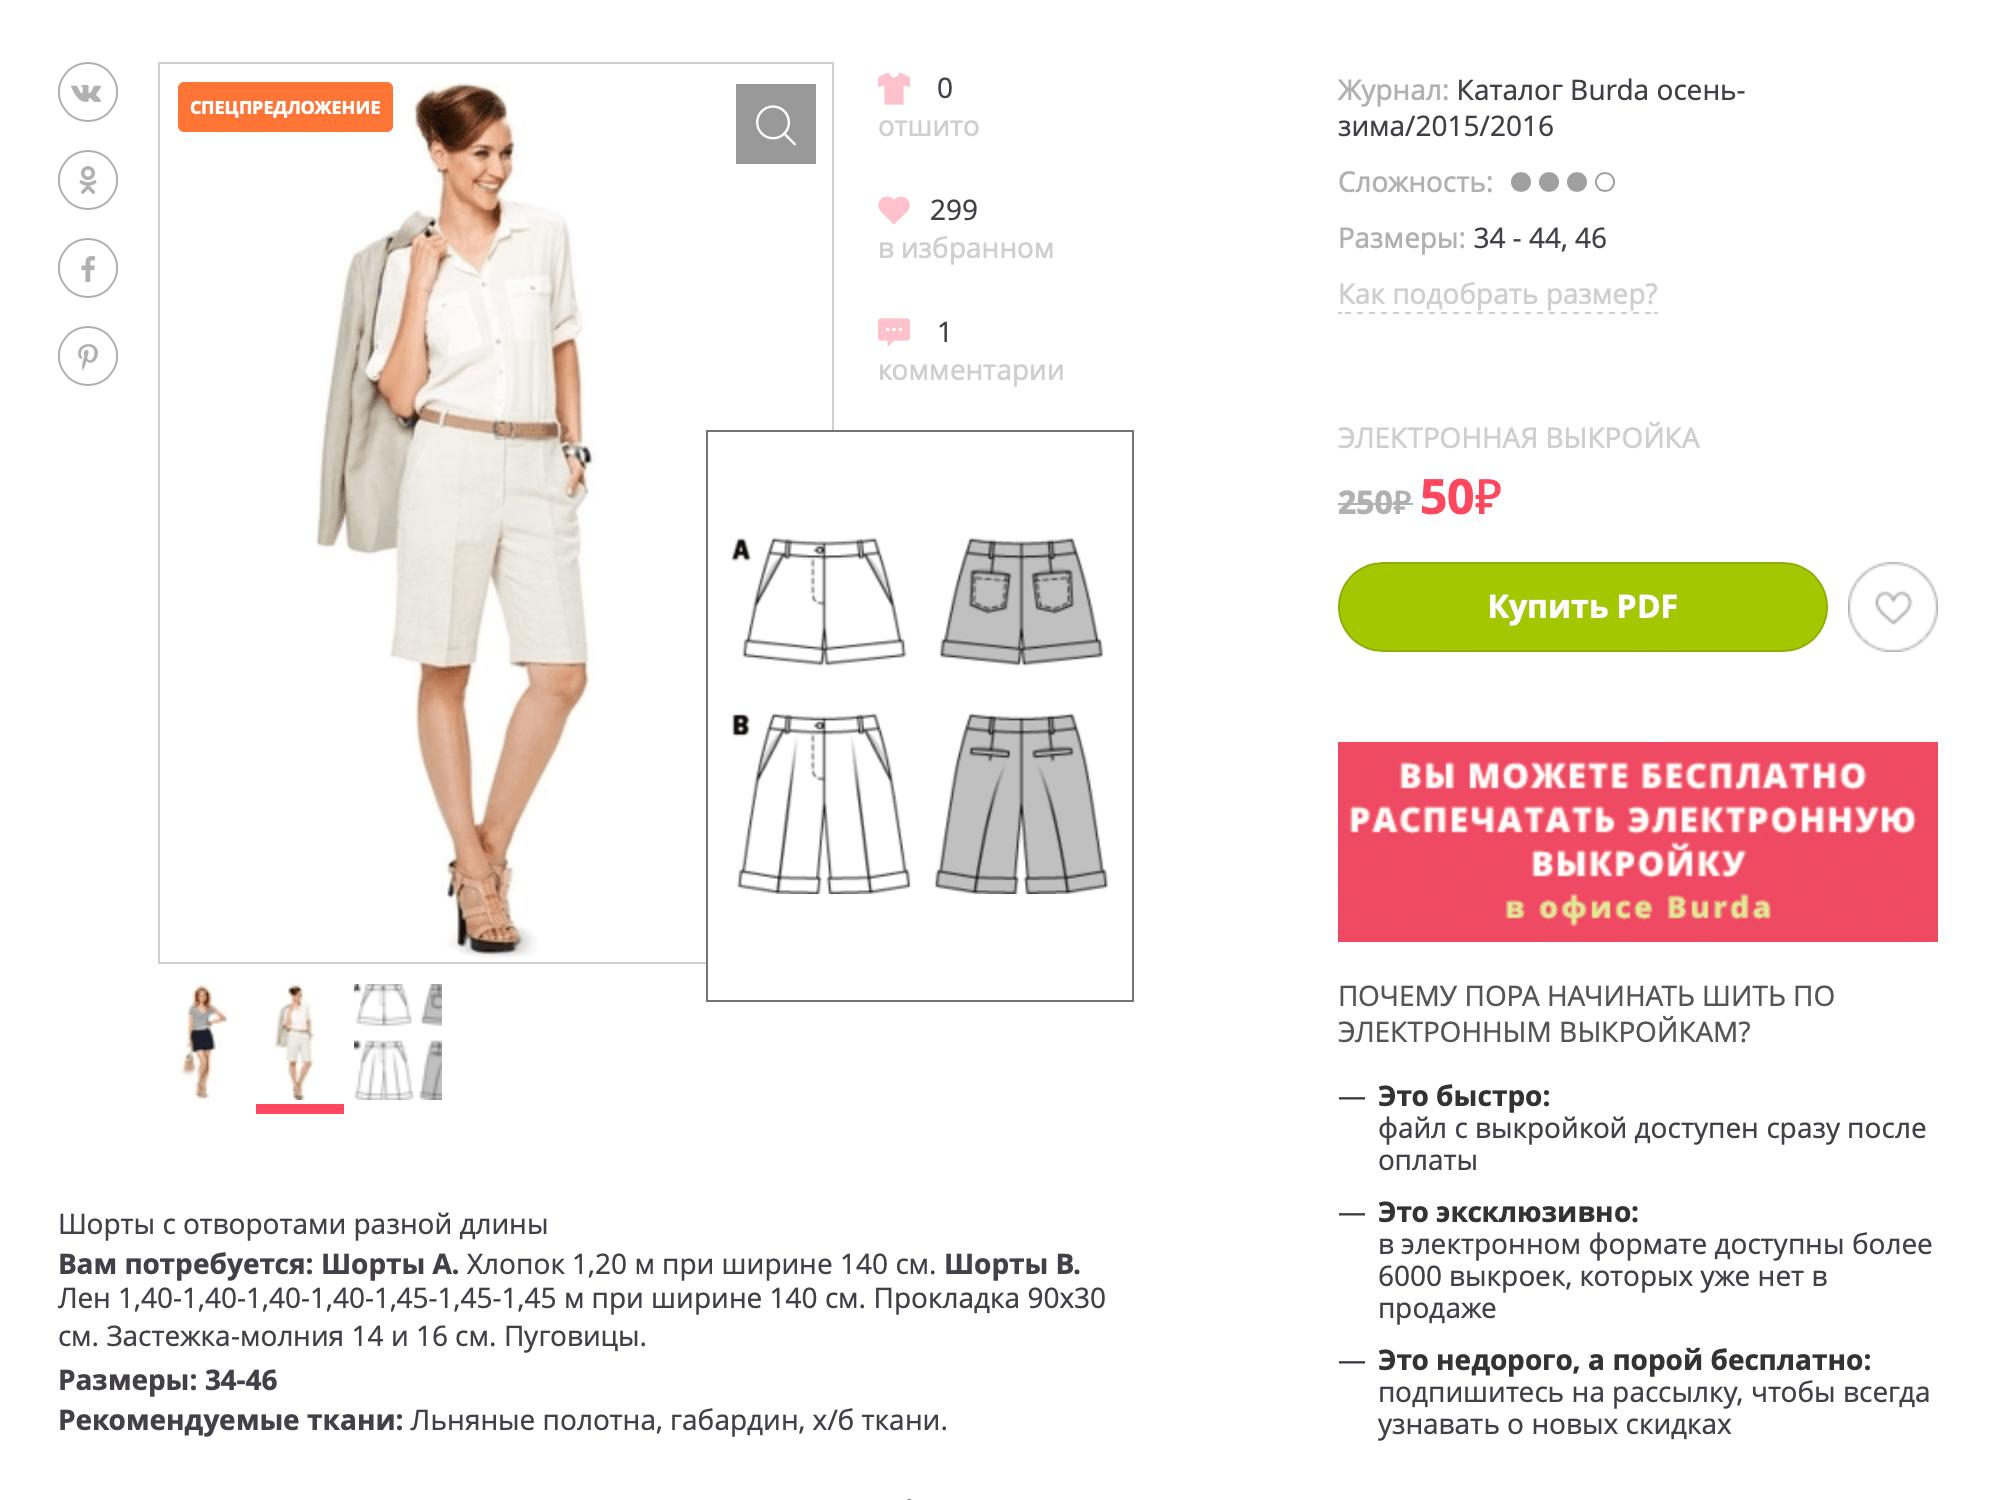 Подходящие мне электронные выкройки шорт стоили от 50 до 150рублей. Я выбрала дешевую ссайта «Бурда»